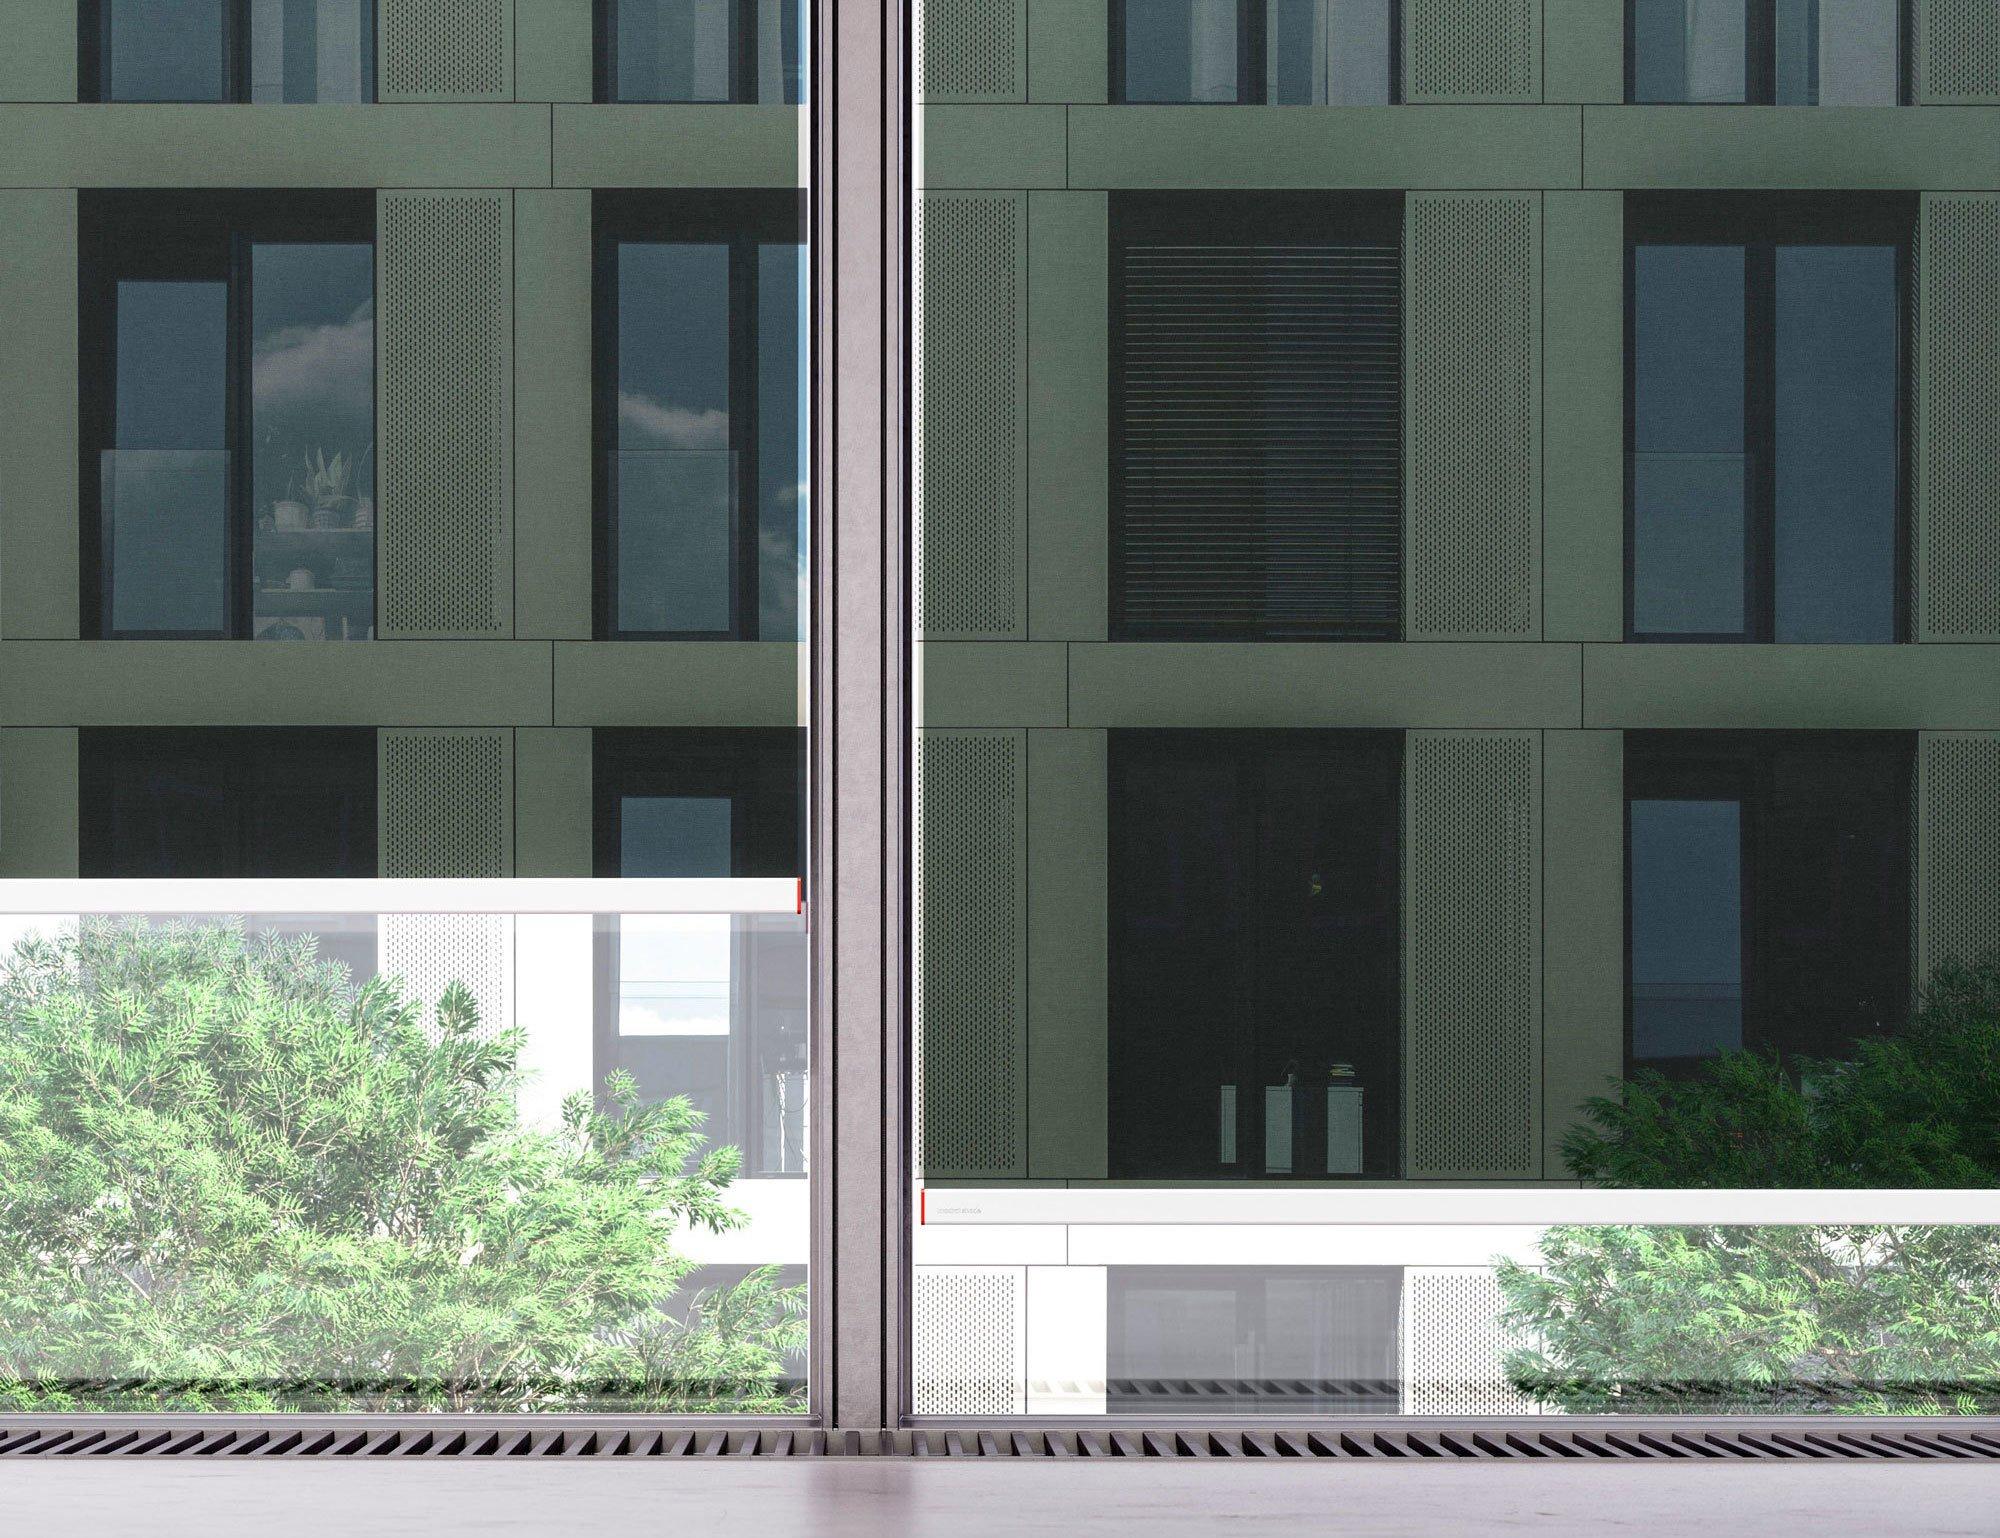 Metallische Oberflächen: Die metallisierte Oberfläche der Textilien des Verschattungssystems Kvadrat Shade reflektiert das Sonnenlicht und verhindert, dass sich der Raum aufheizt. Foto: Kvadrat